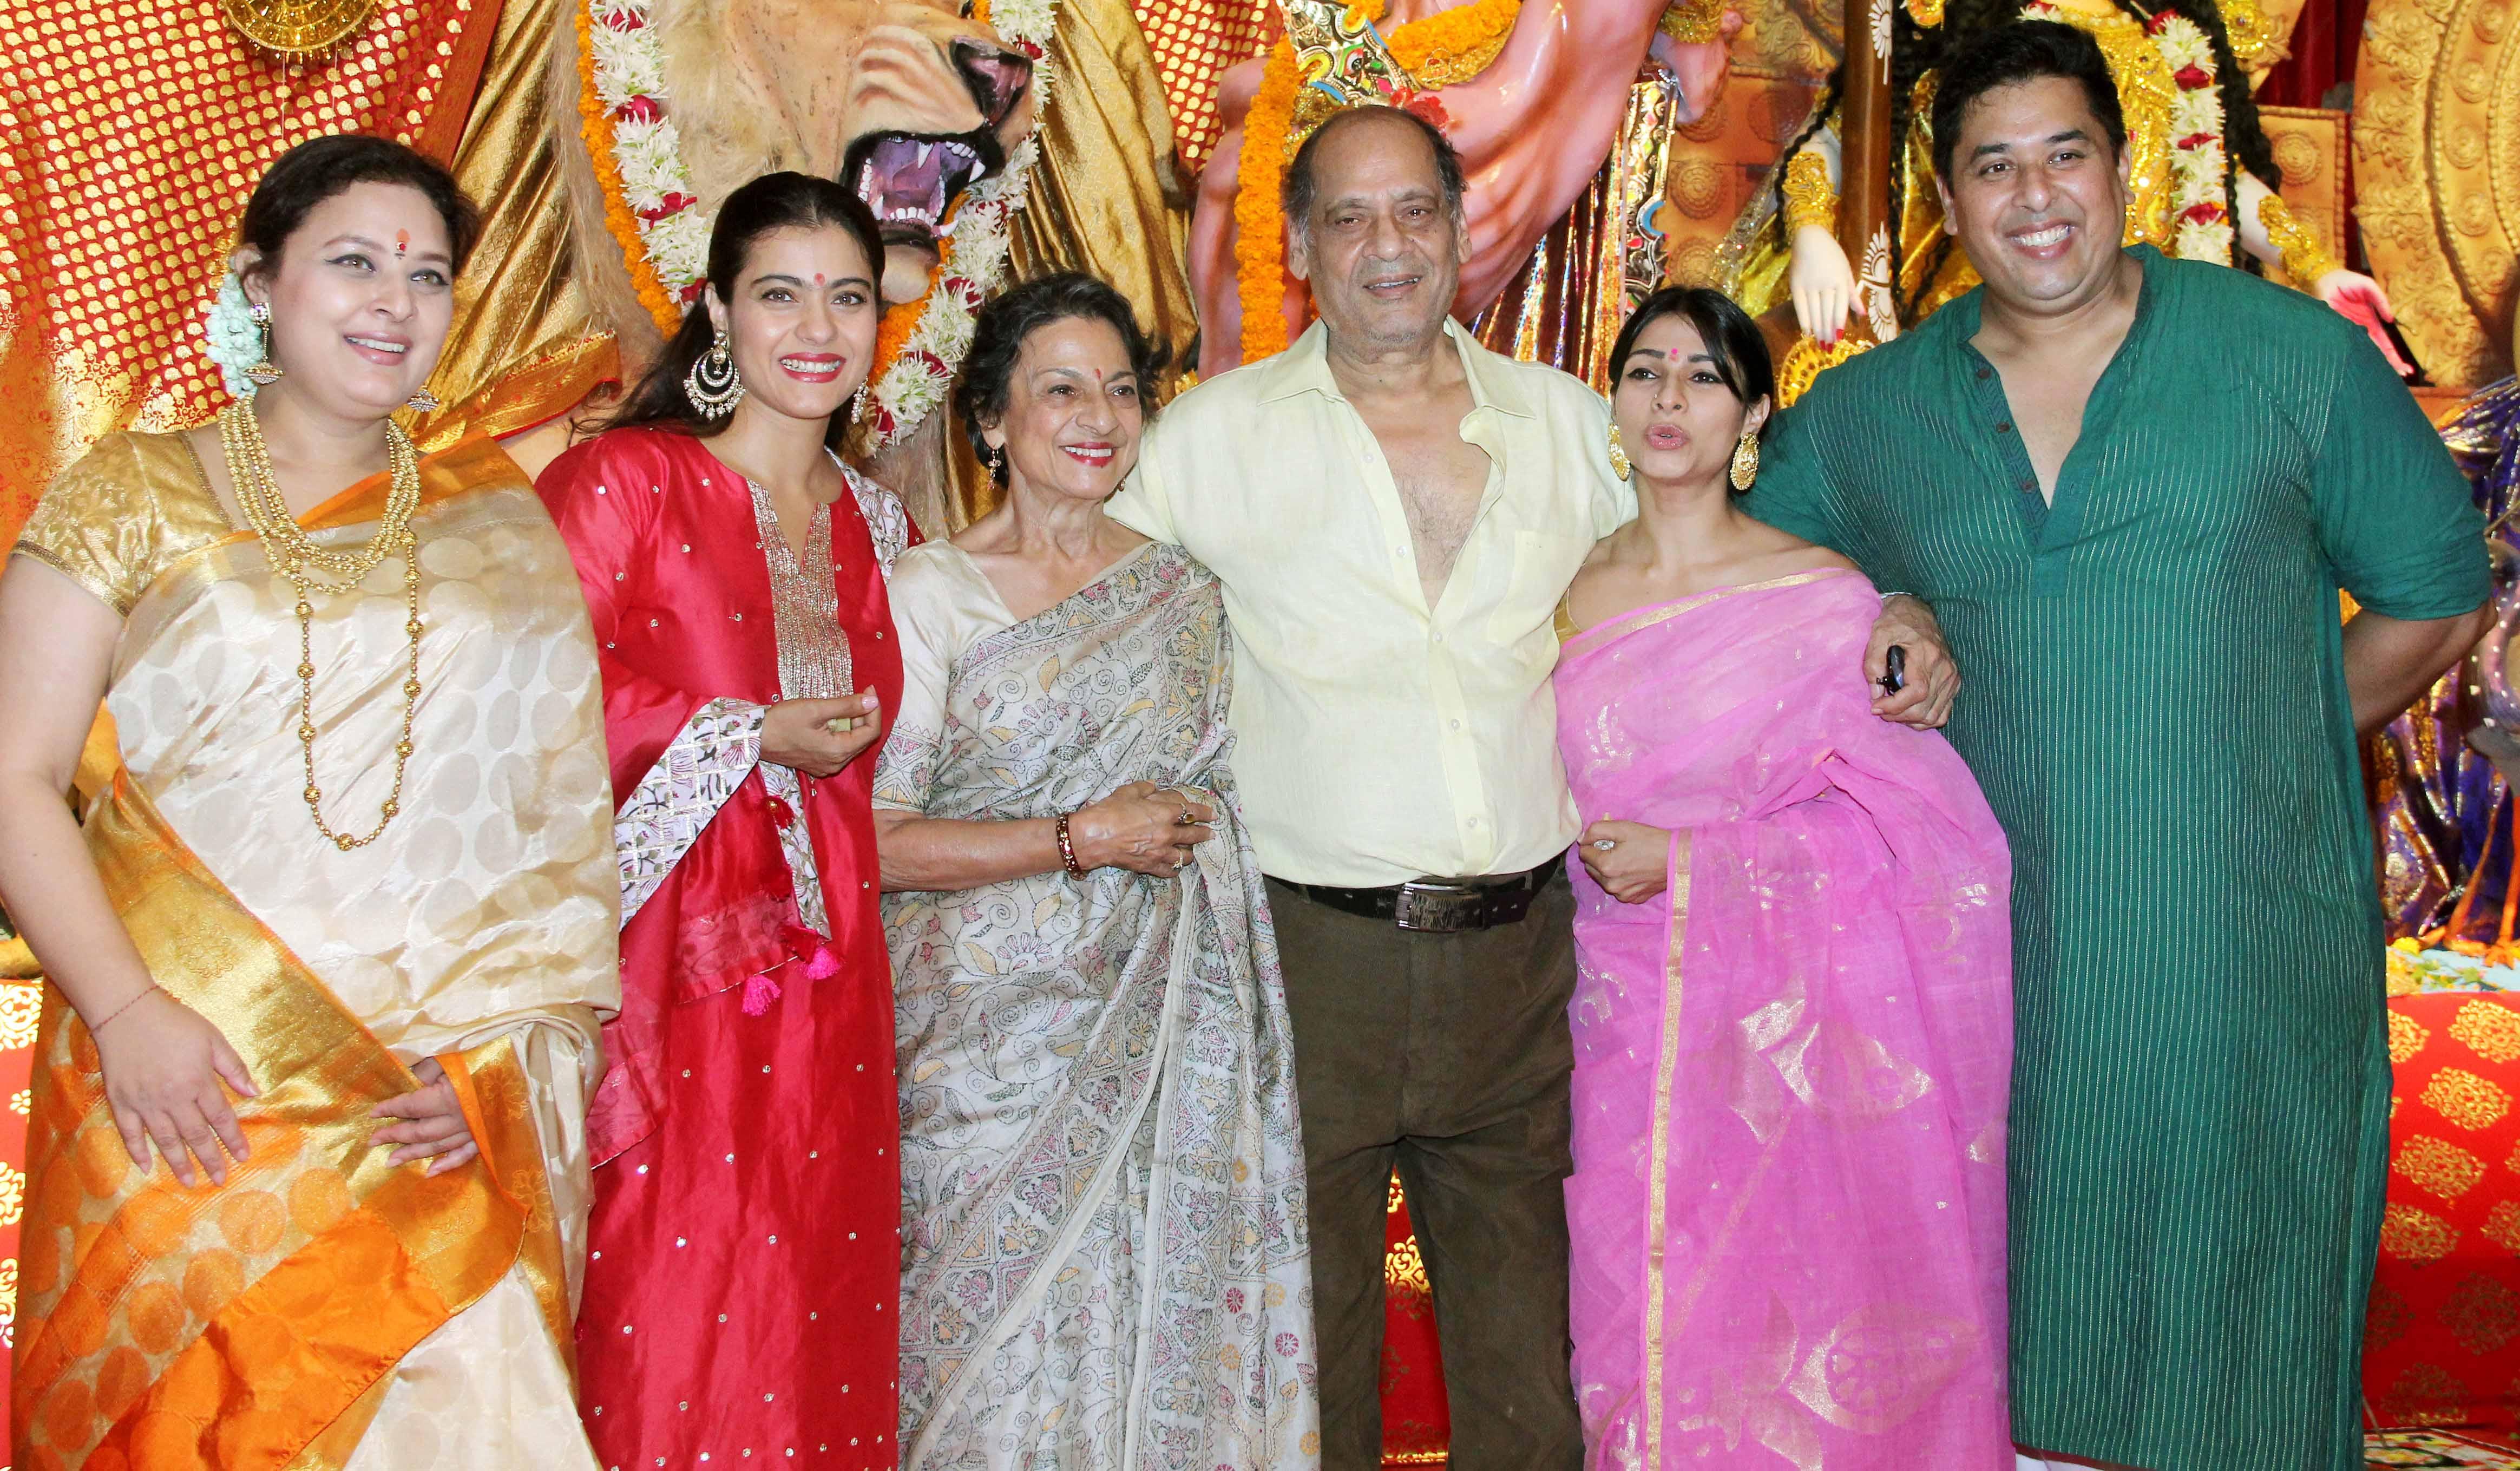 Kajol with sister Tanishaa and family